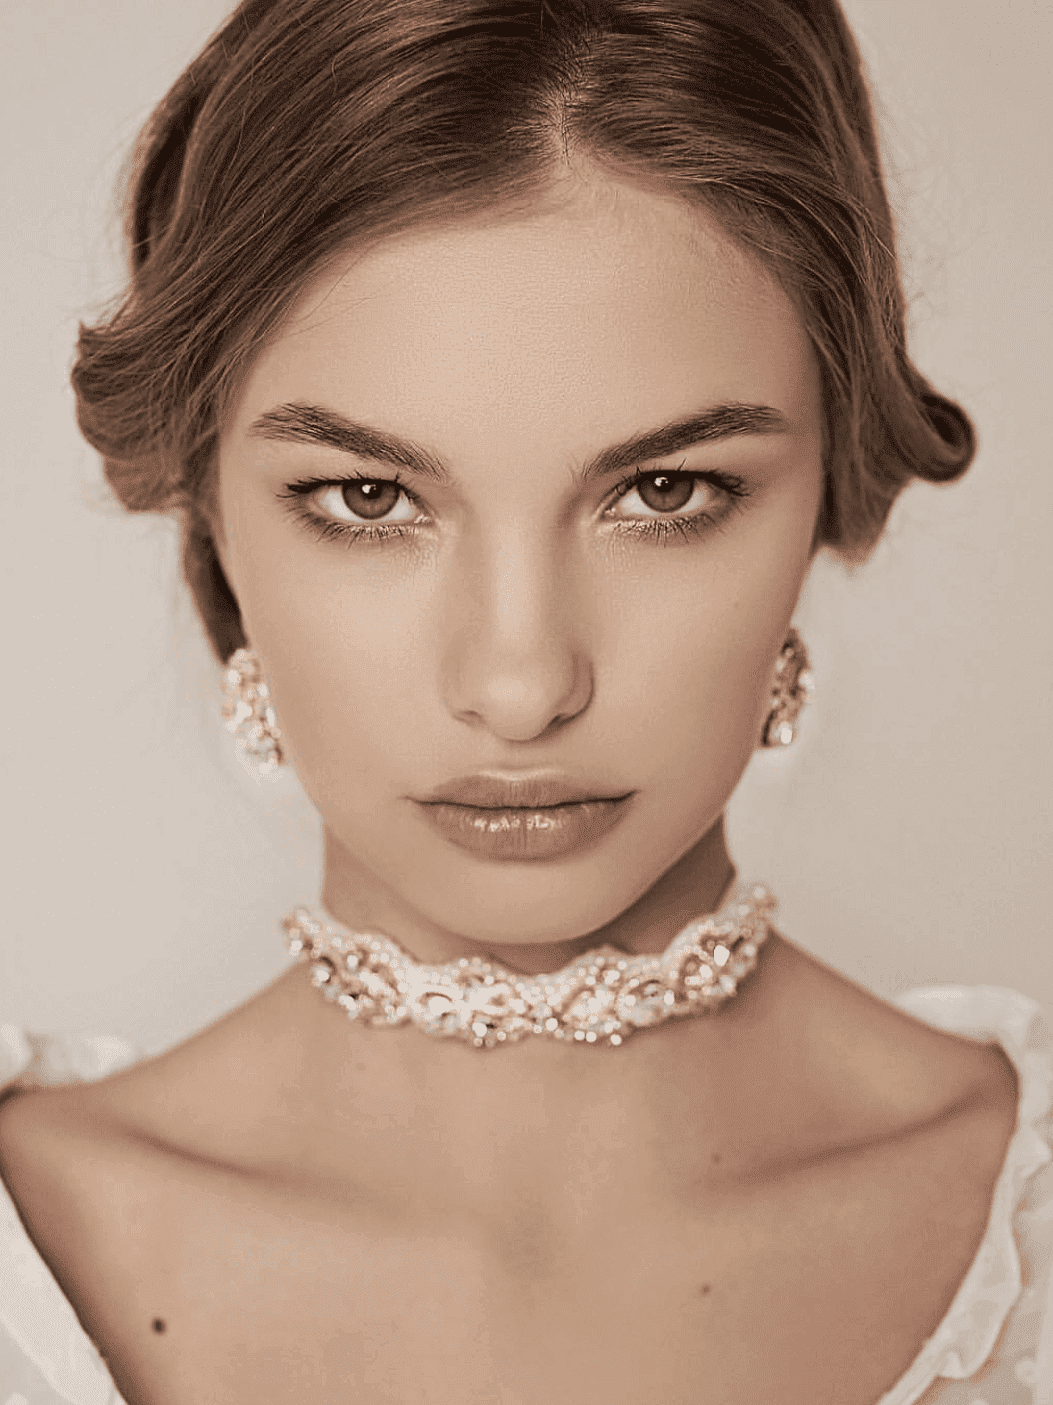 Требуются модели для работы в москве заработать моделью онлайн в дмитриев